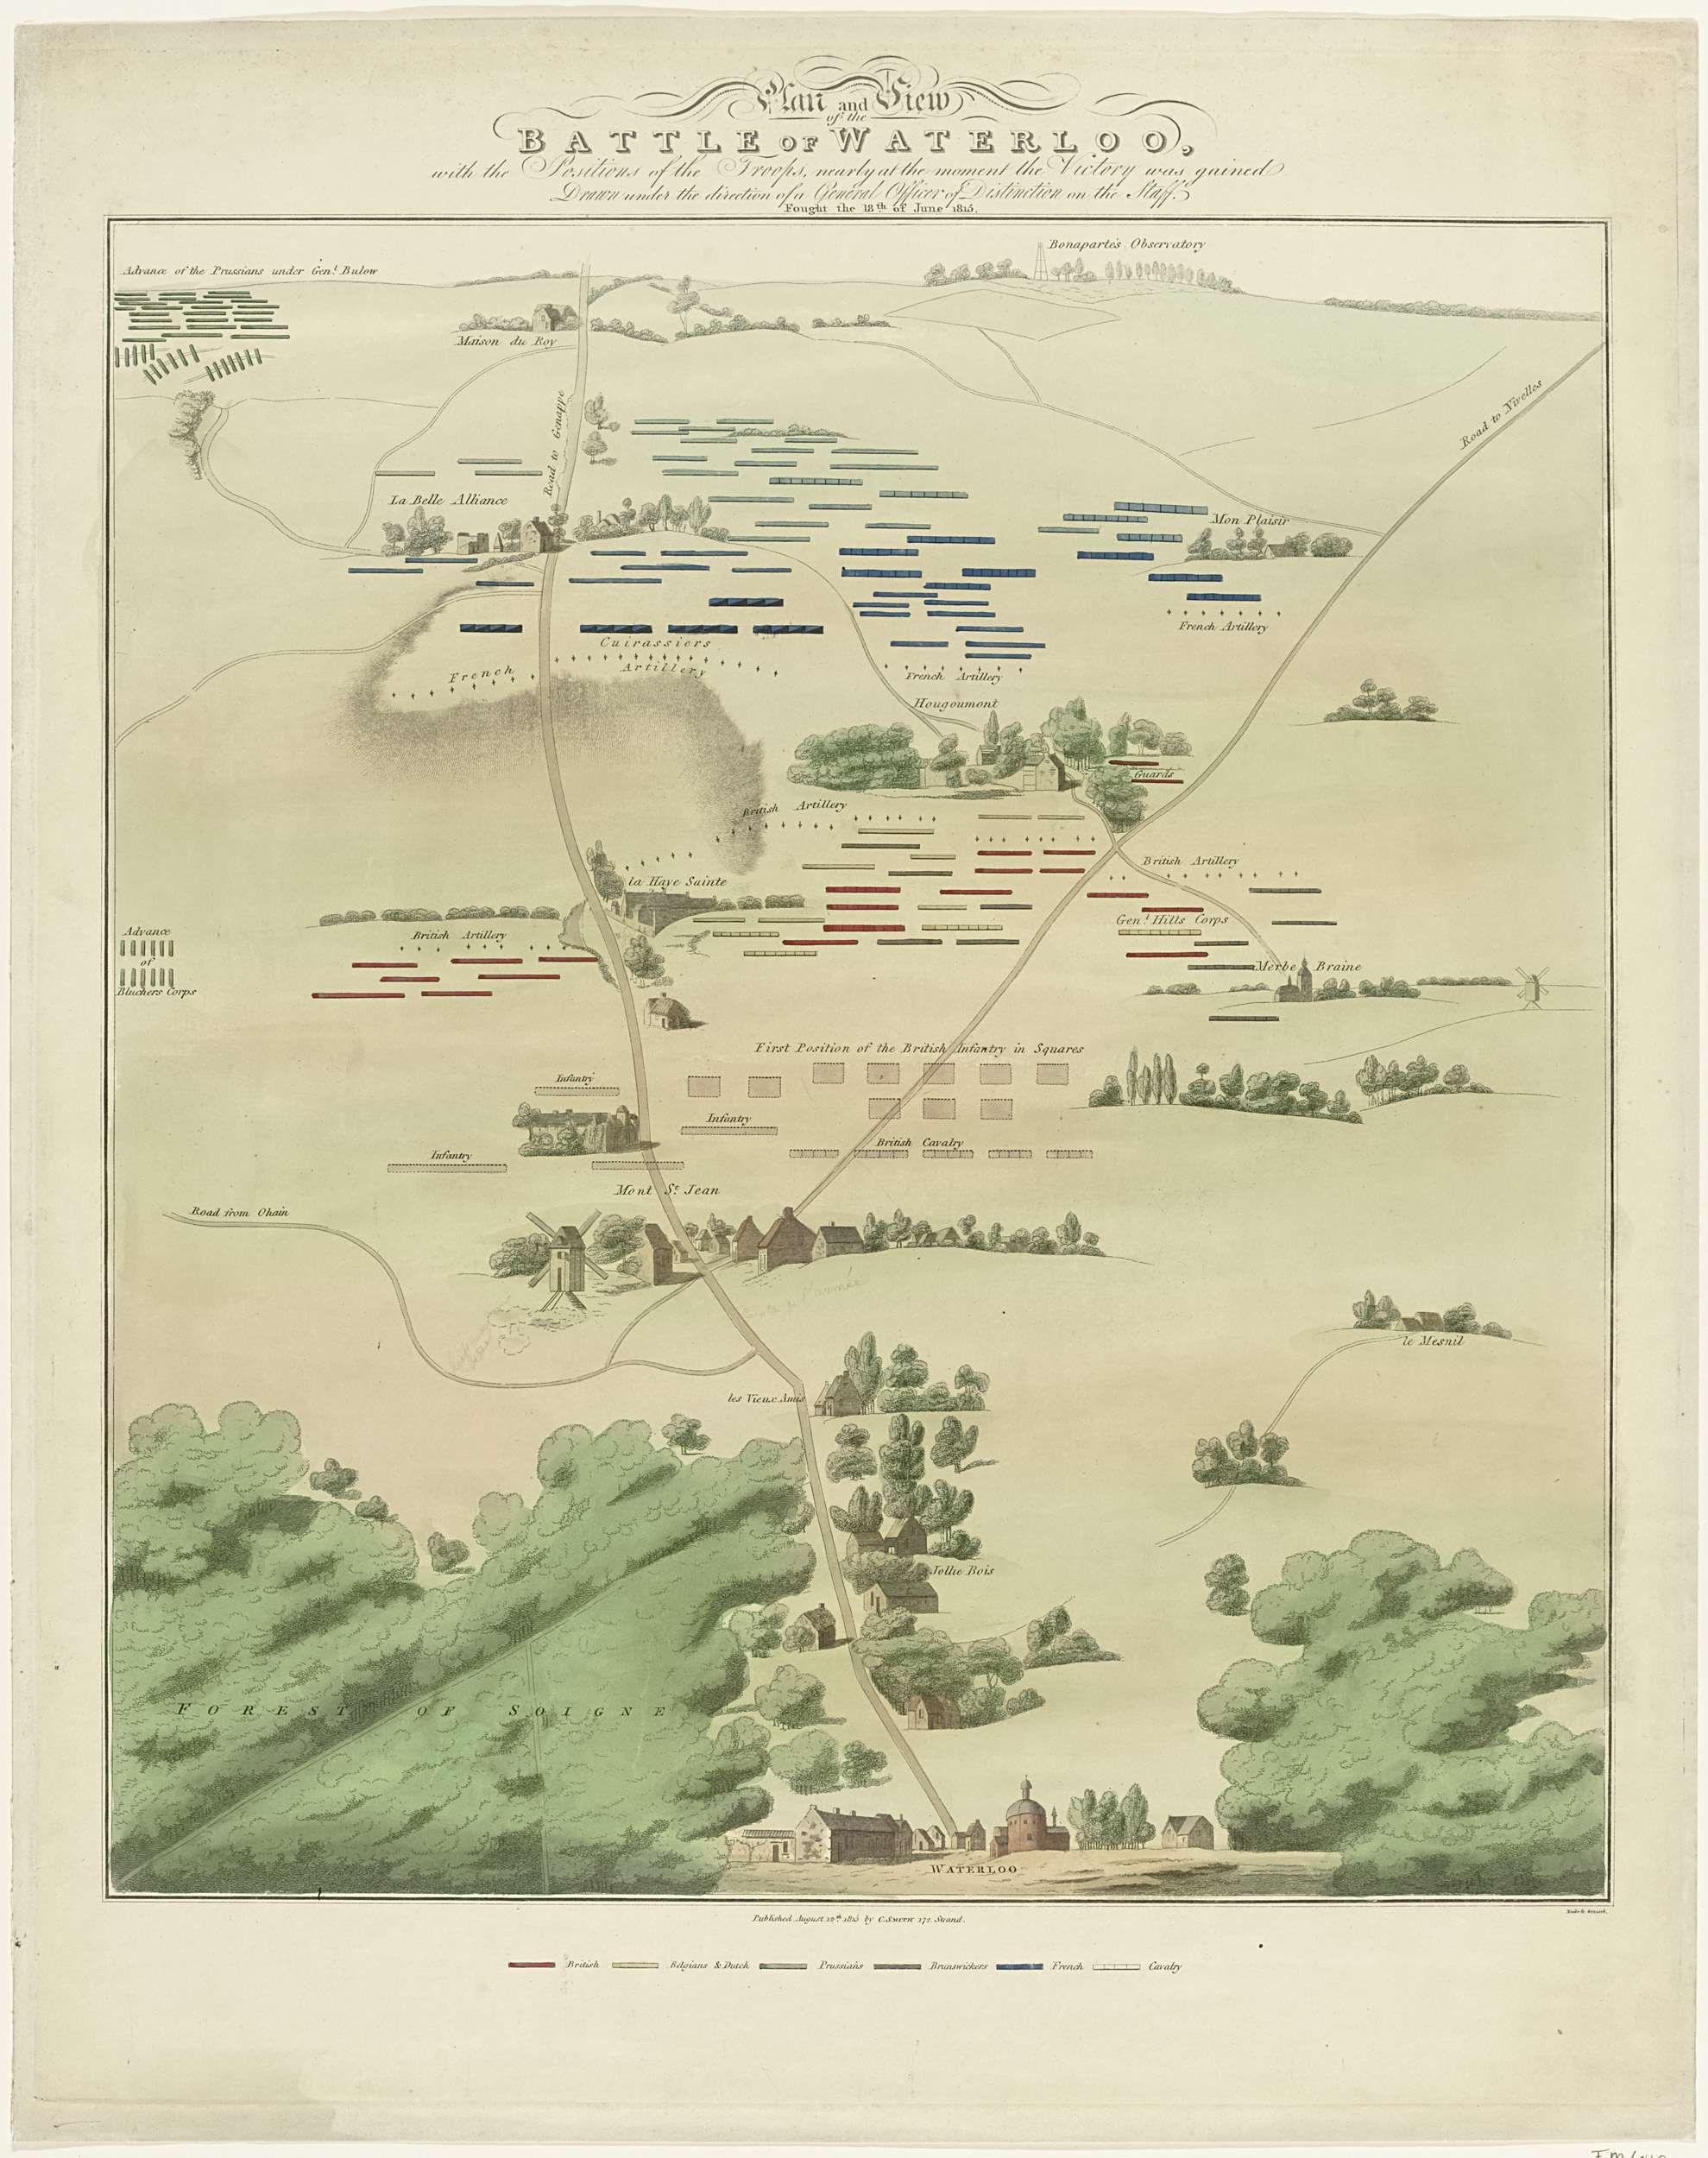 Kaart en gezicht van het slagveld van Waterloo, Neele, C. Smith, 1815